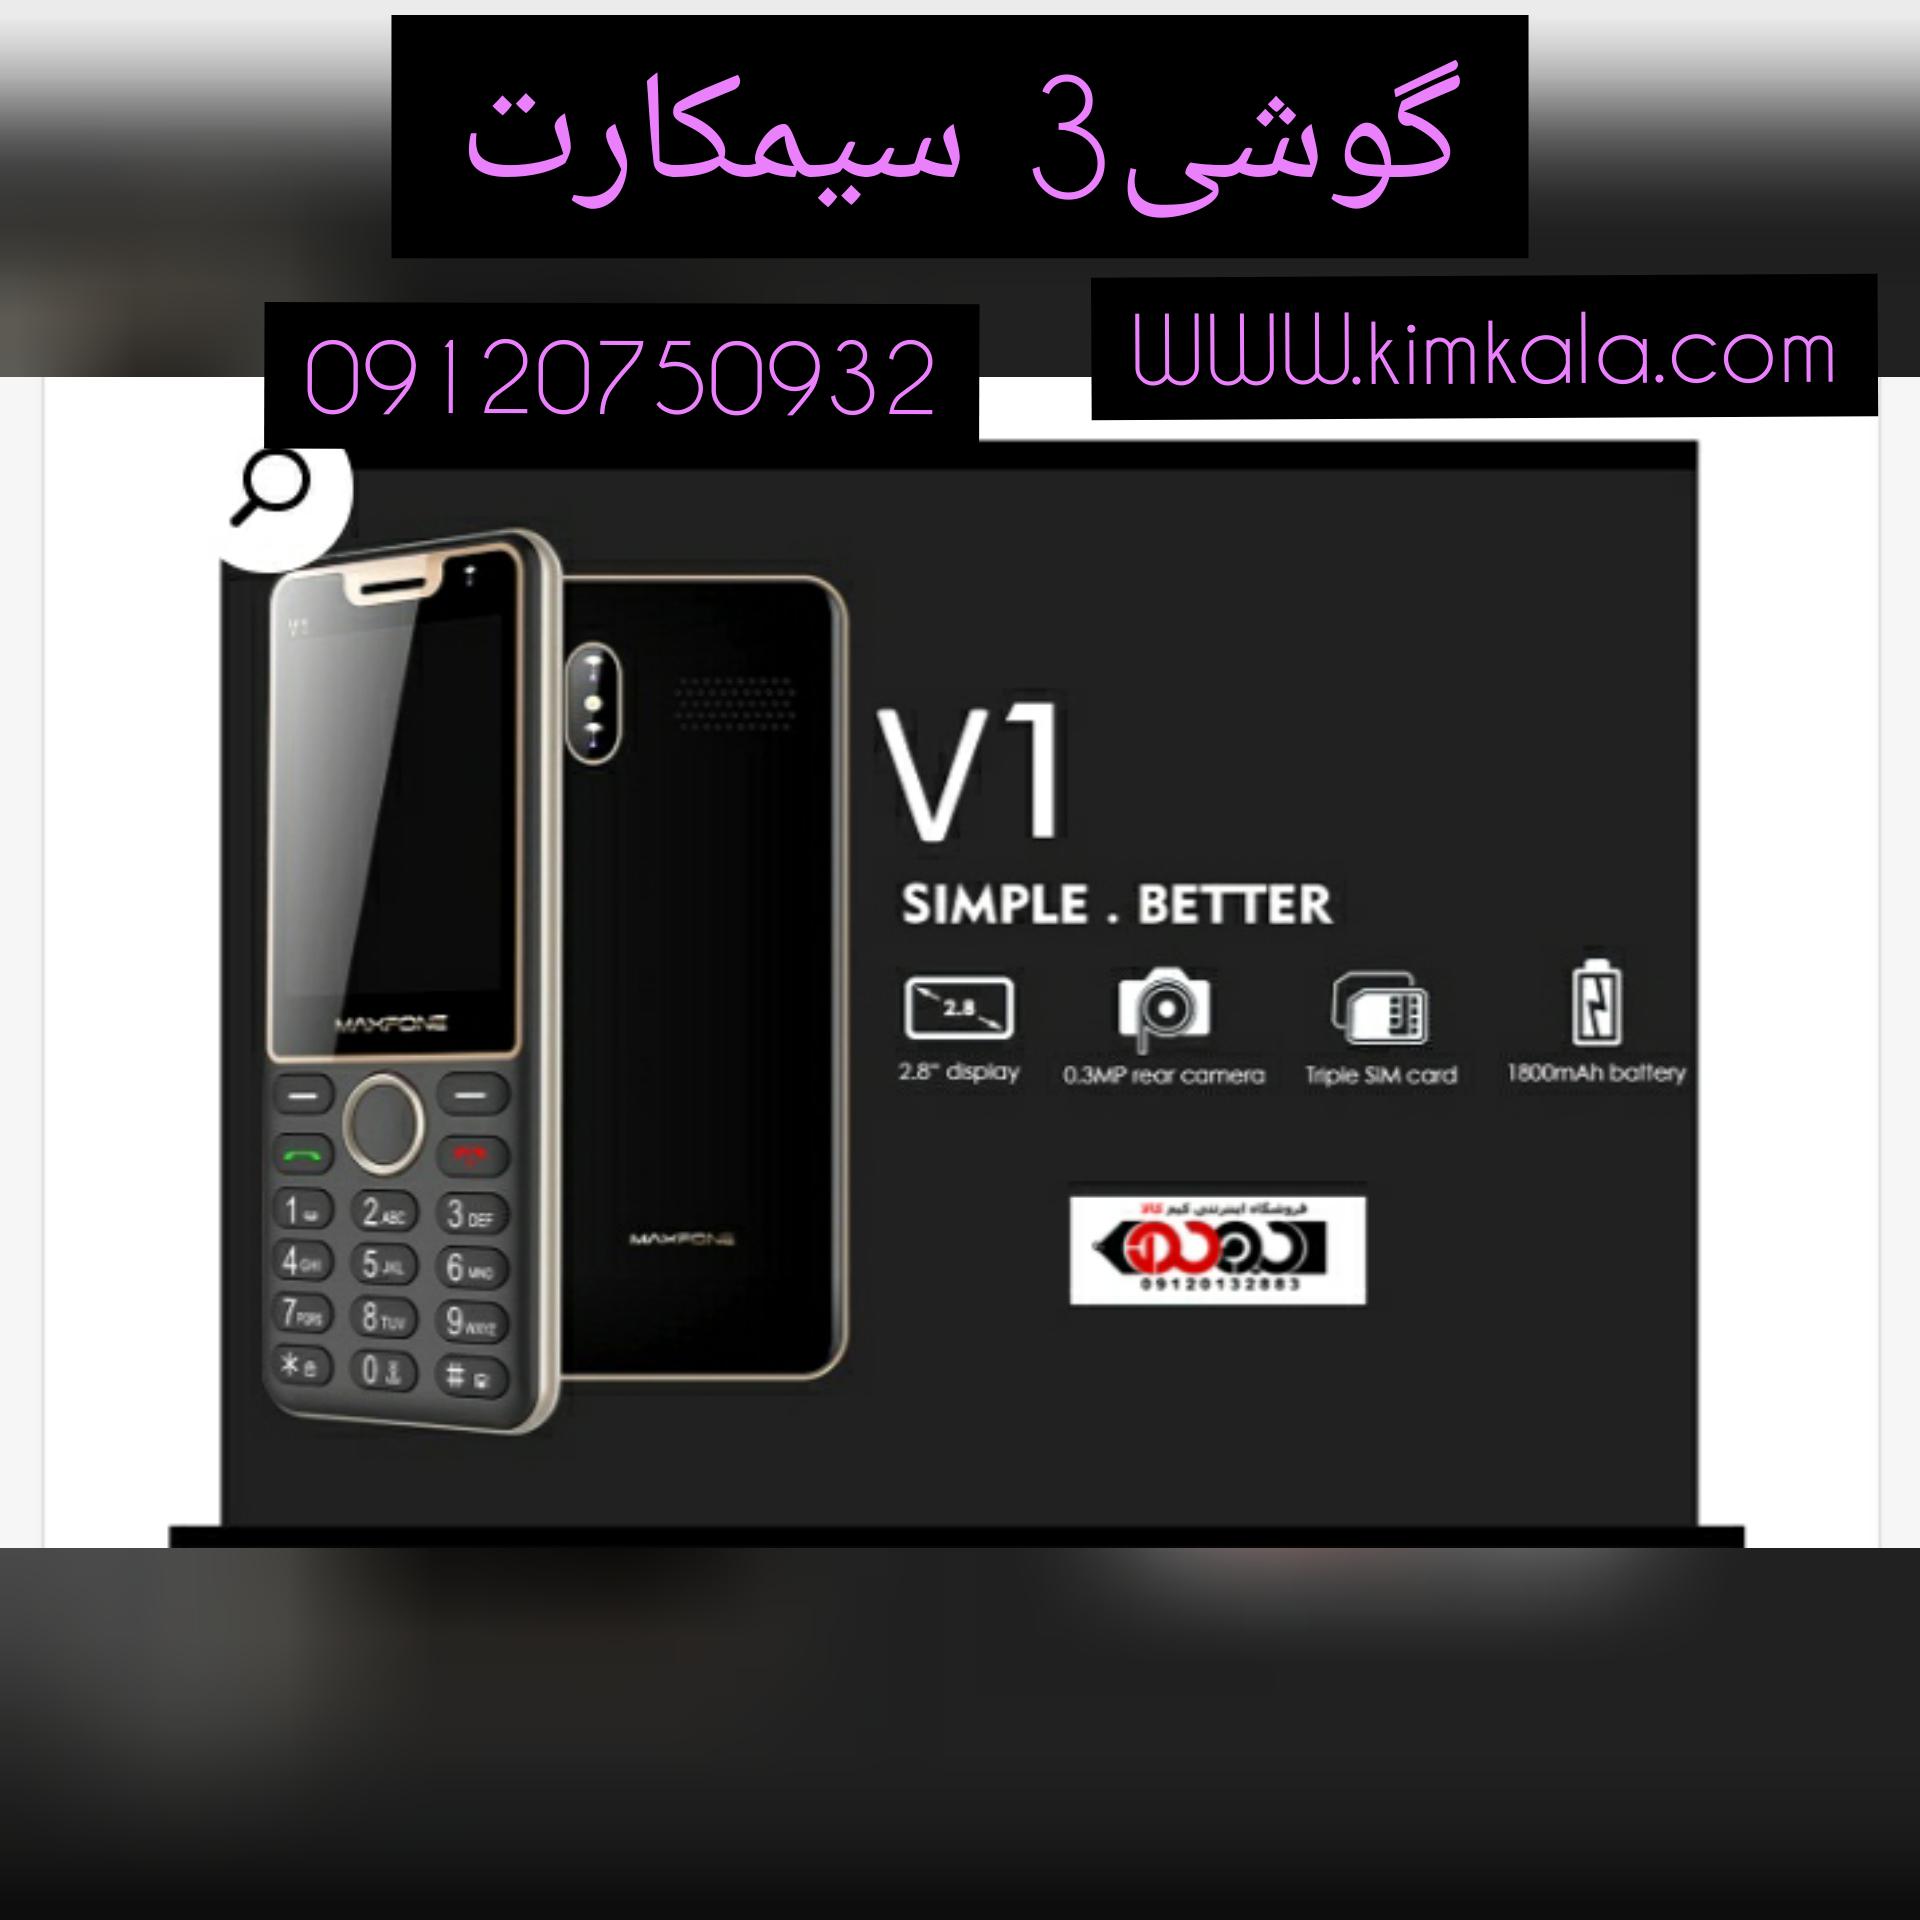 موبایل 3سیمکارت/قیمت گوشی/09120750932